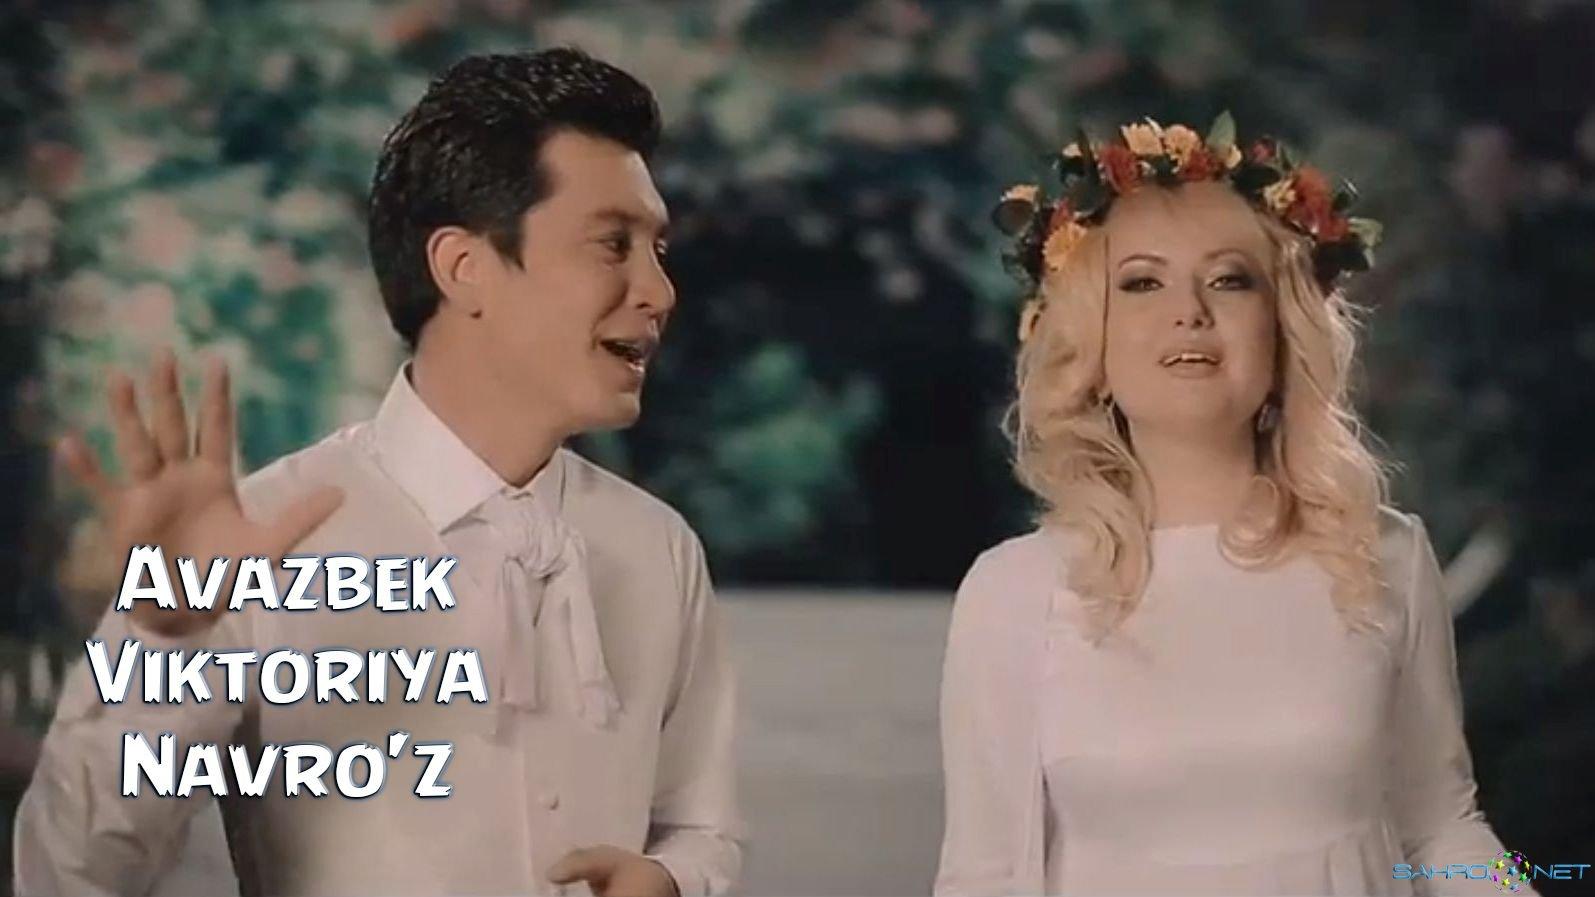 Avazbek & Viktoriya - Navro'z 2015